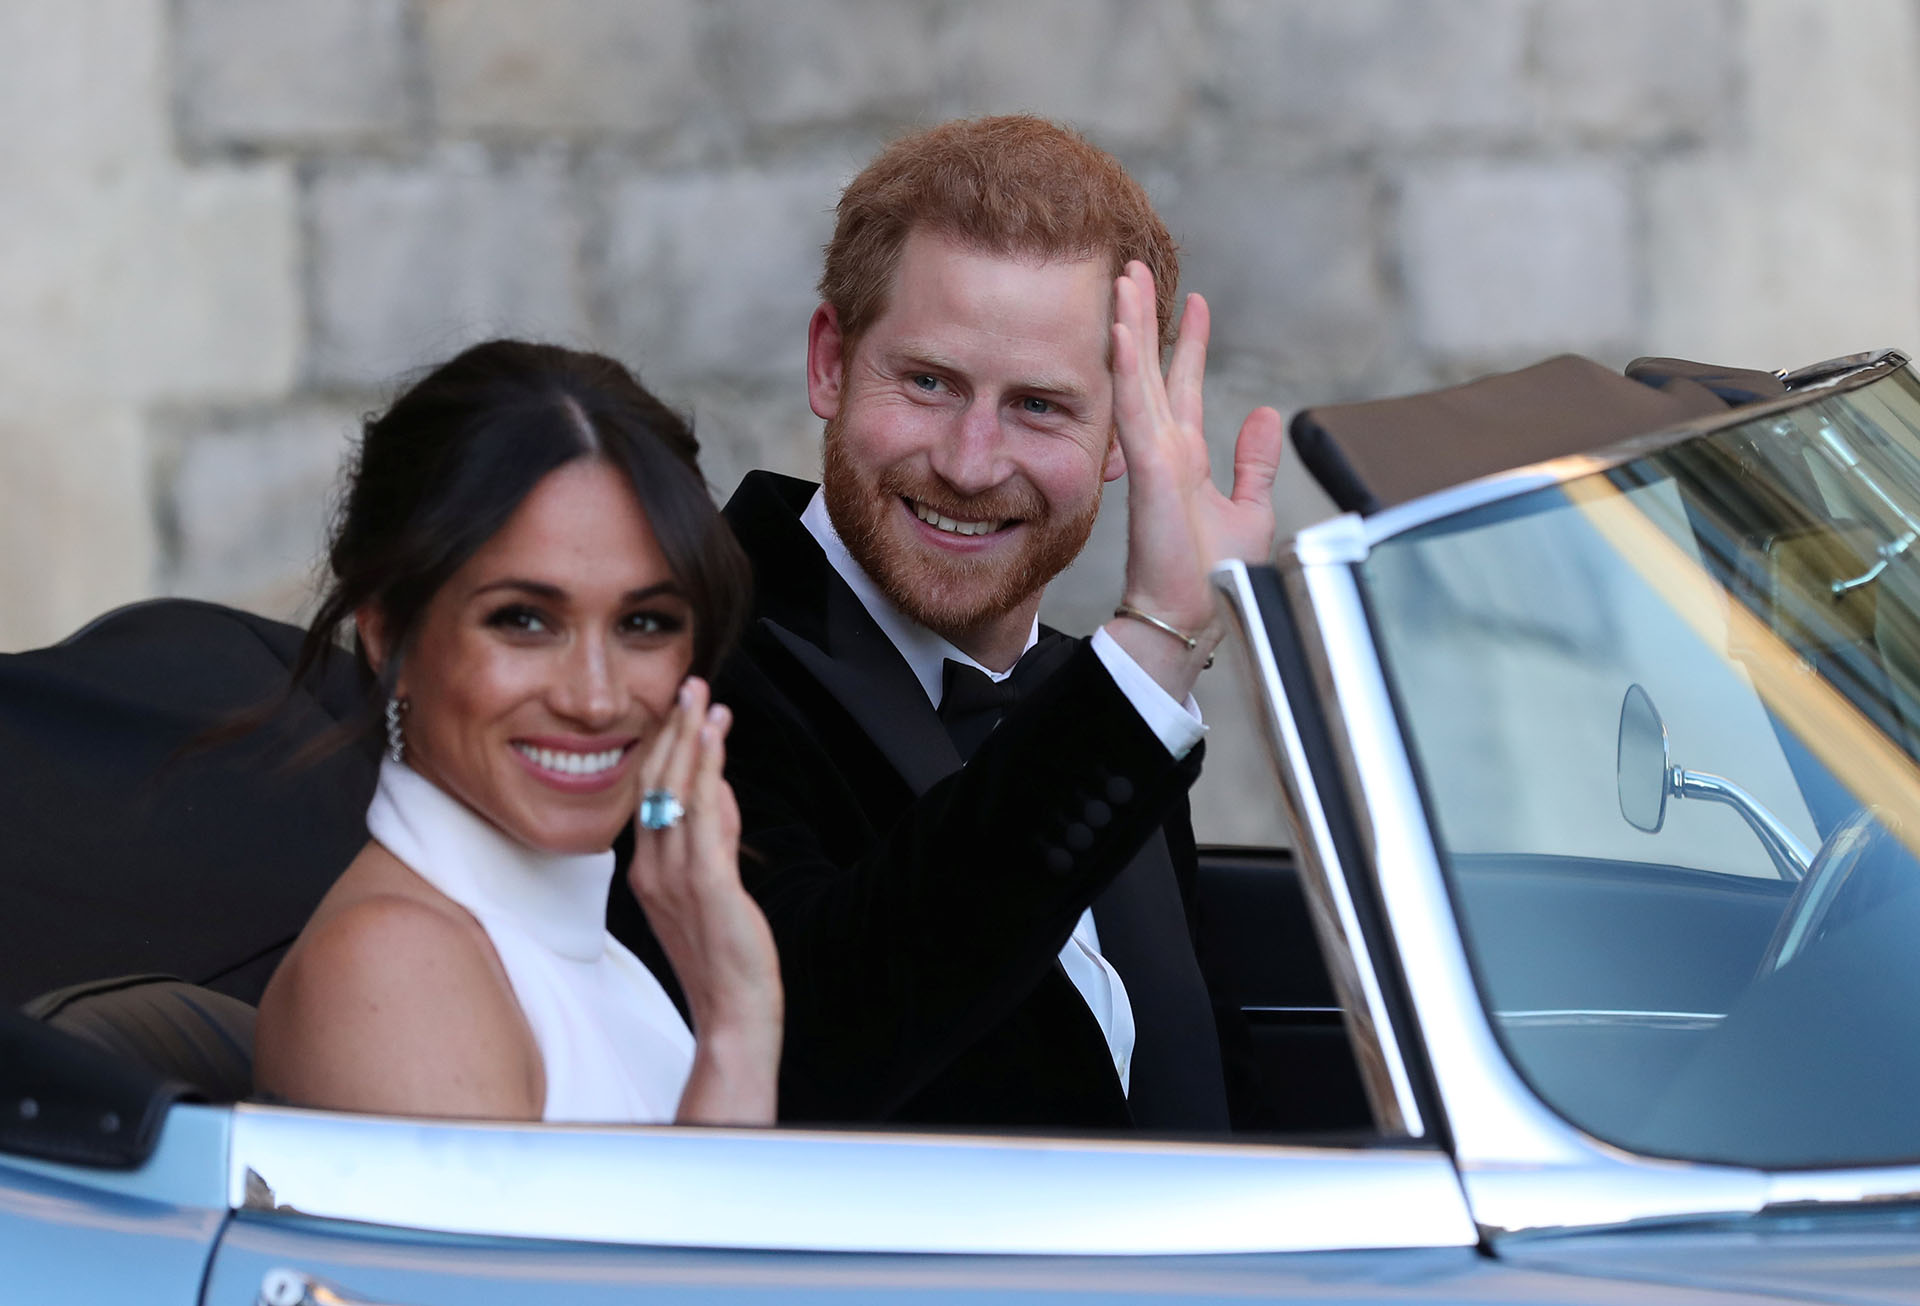 Durante la ceremonia en el Castillo de Windsor, Markle eligió llevar un anillo que perteneció a la princesa Diana (Reuters)